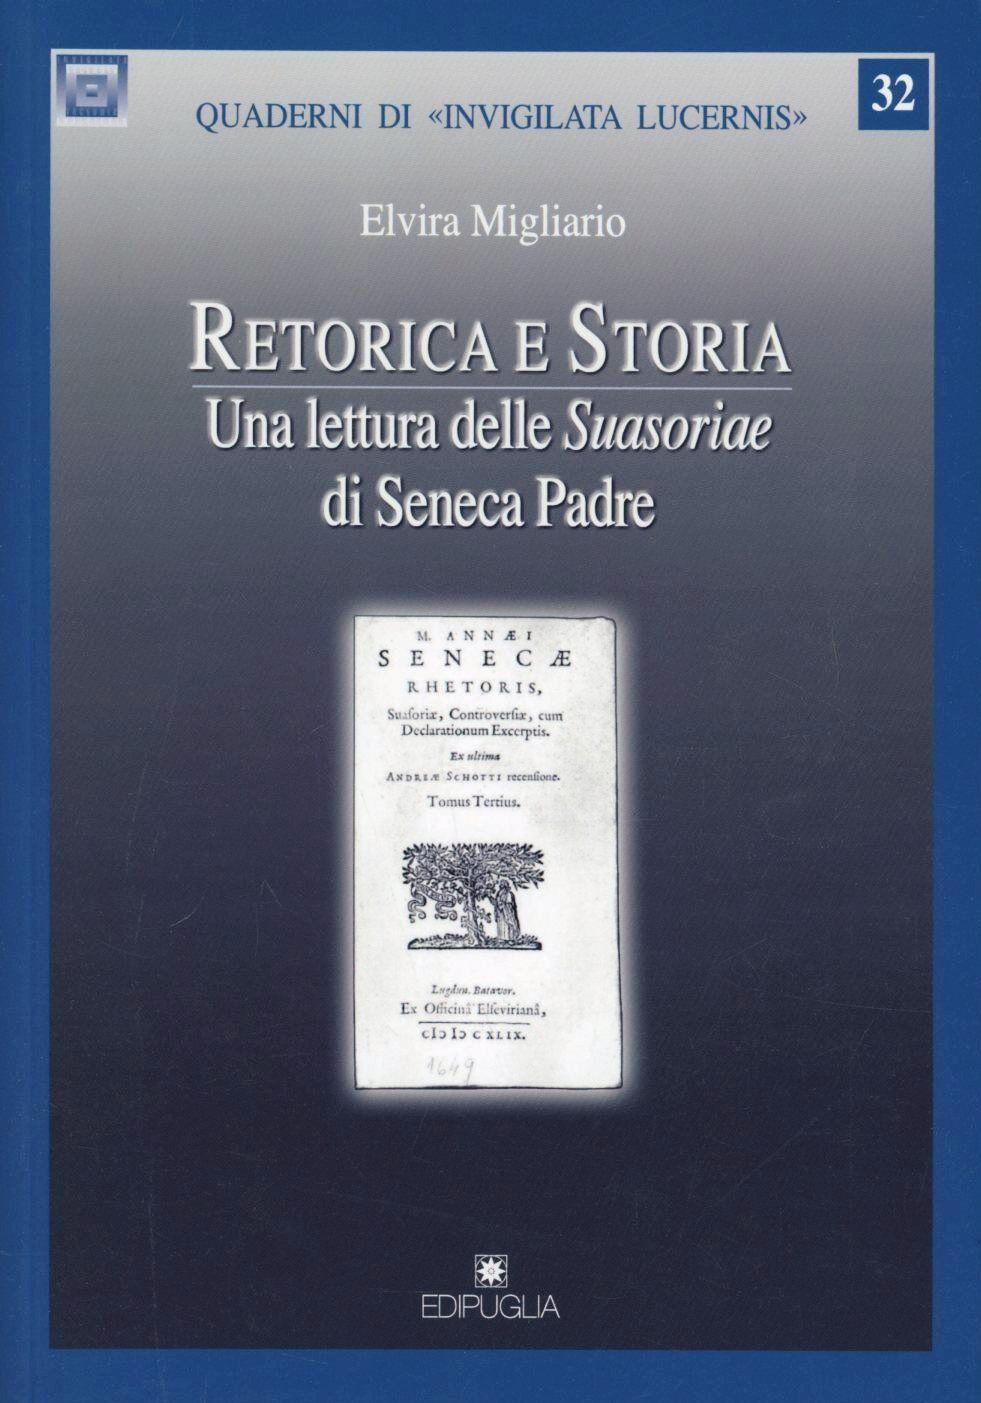 Retorica e storia. Una lettura delle Suasoriae di Seneca padre